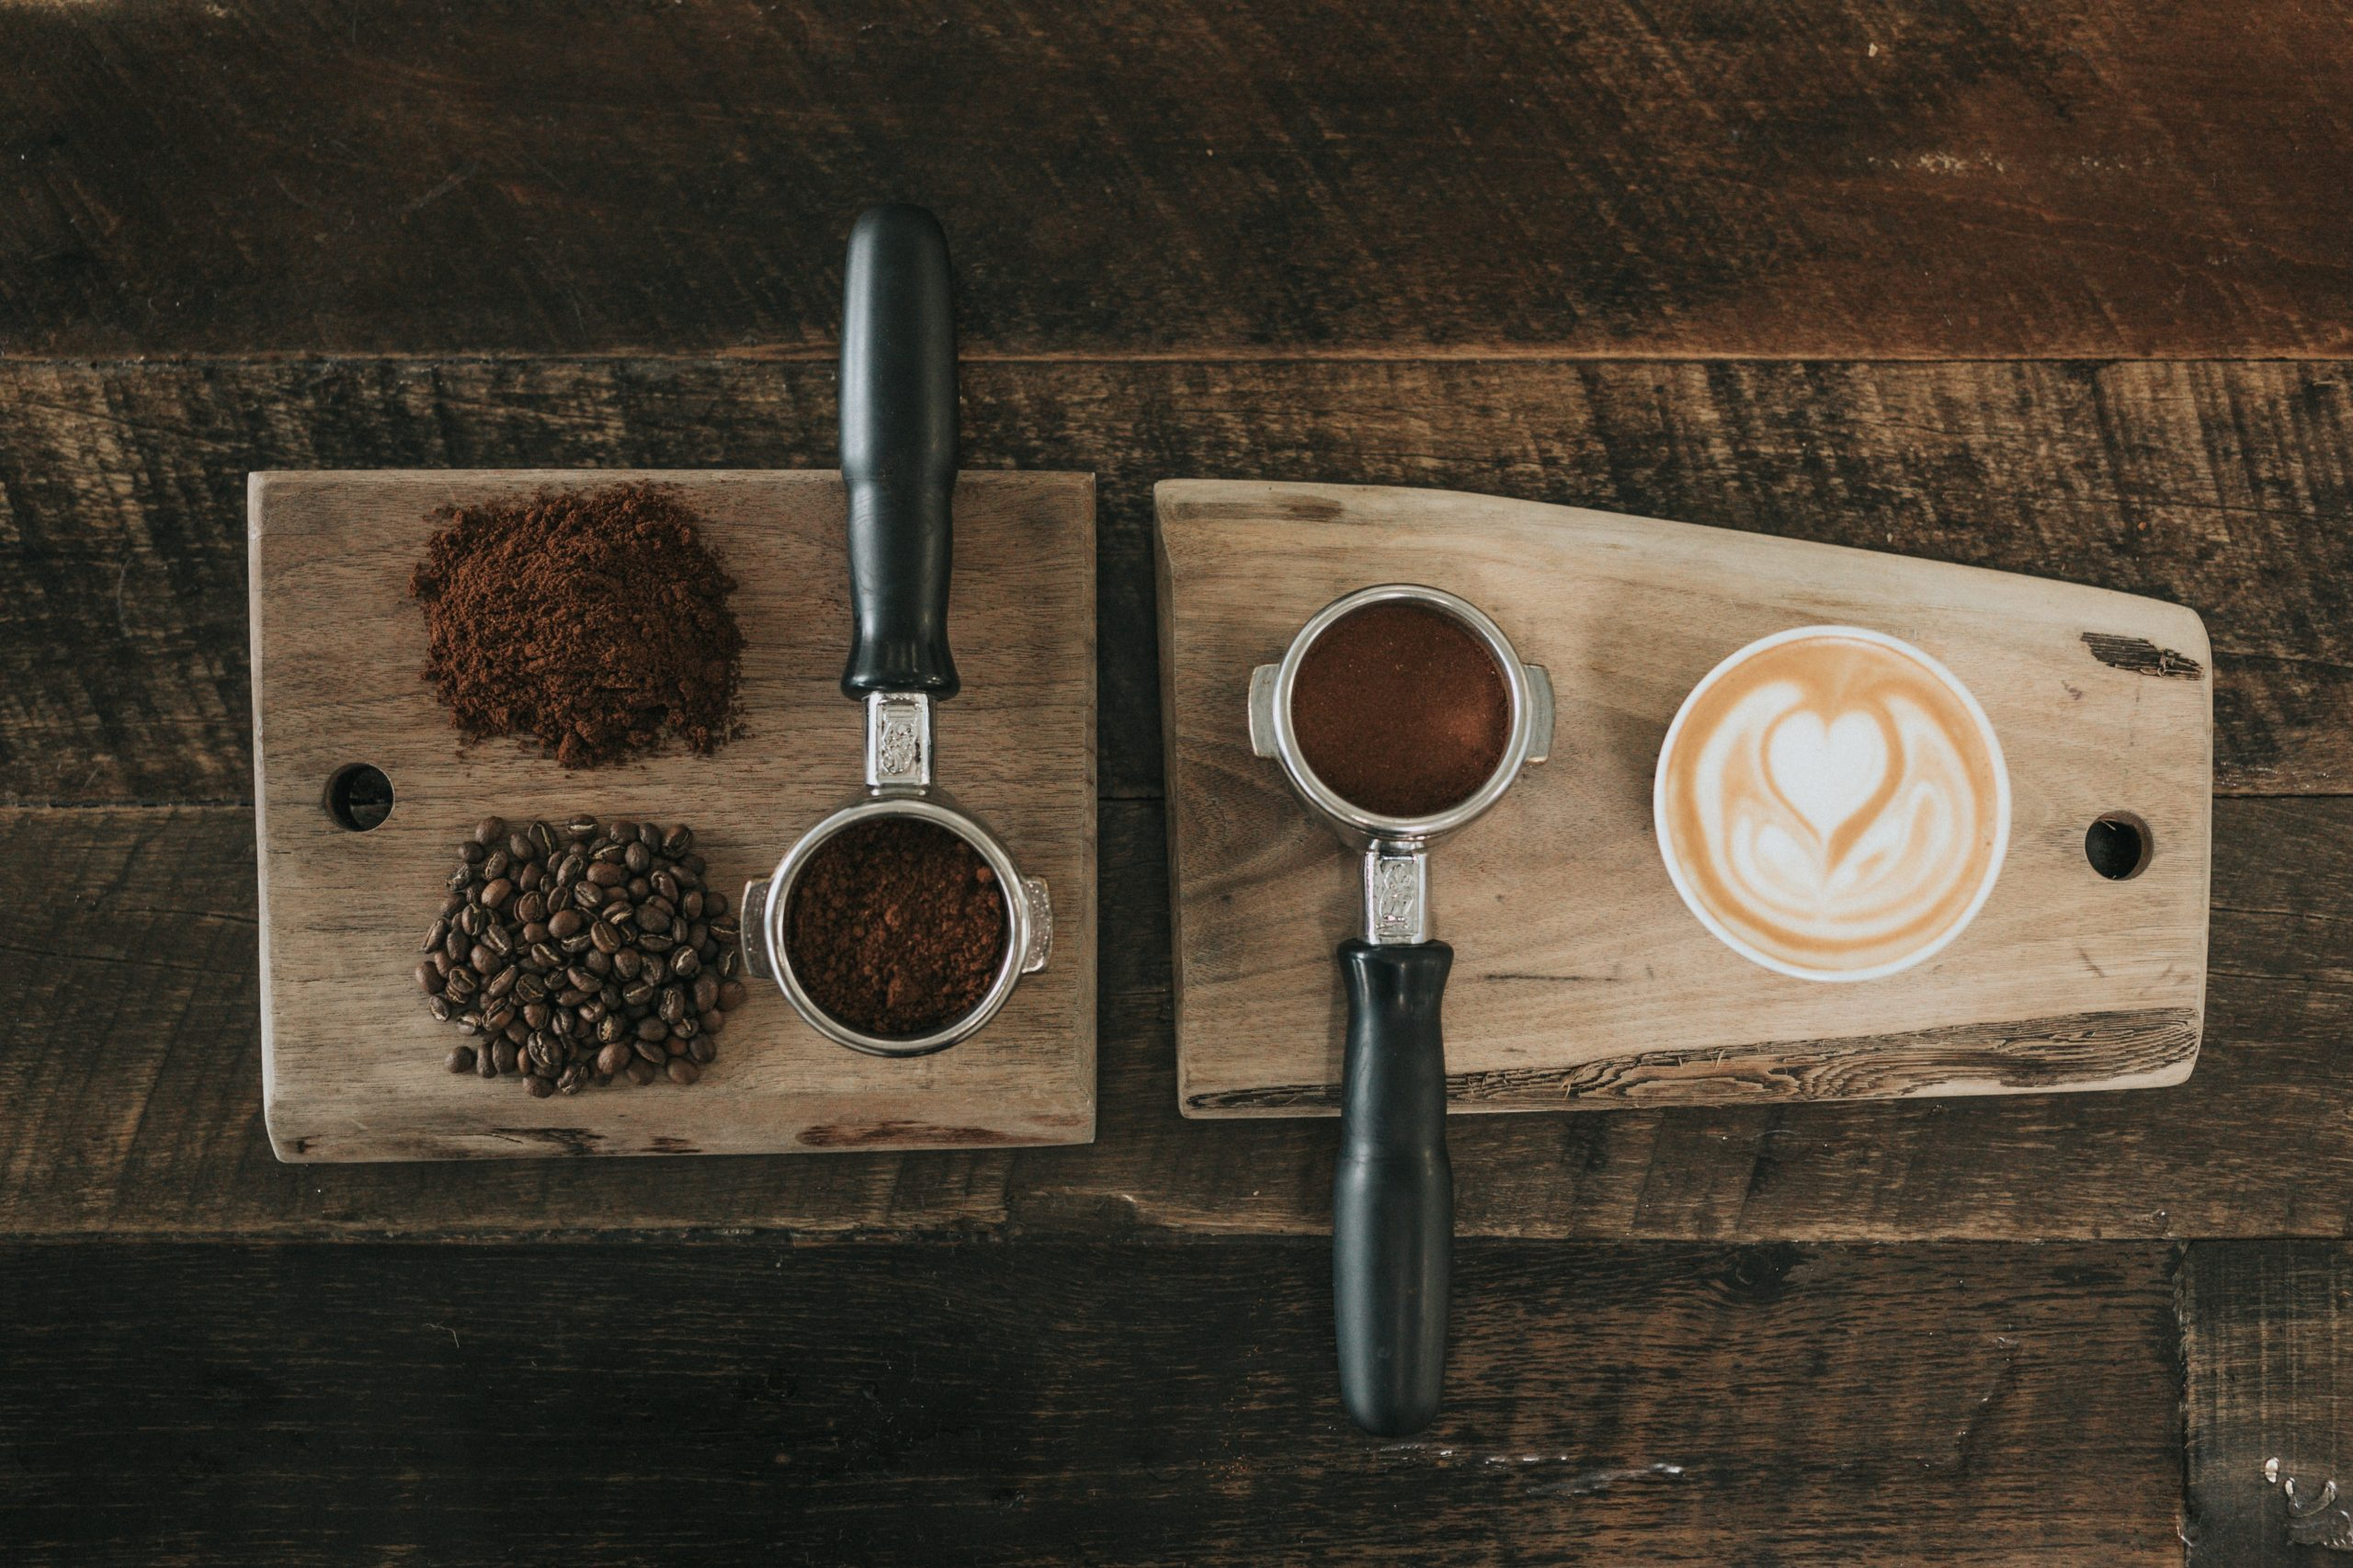 Na foto duas tábuas de madeira com pós e grãos de café e uma xícara com café dentro.